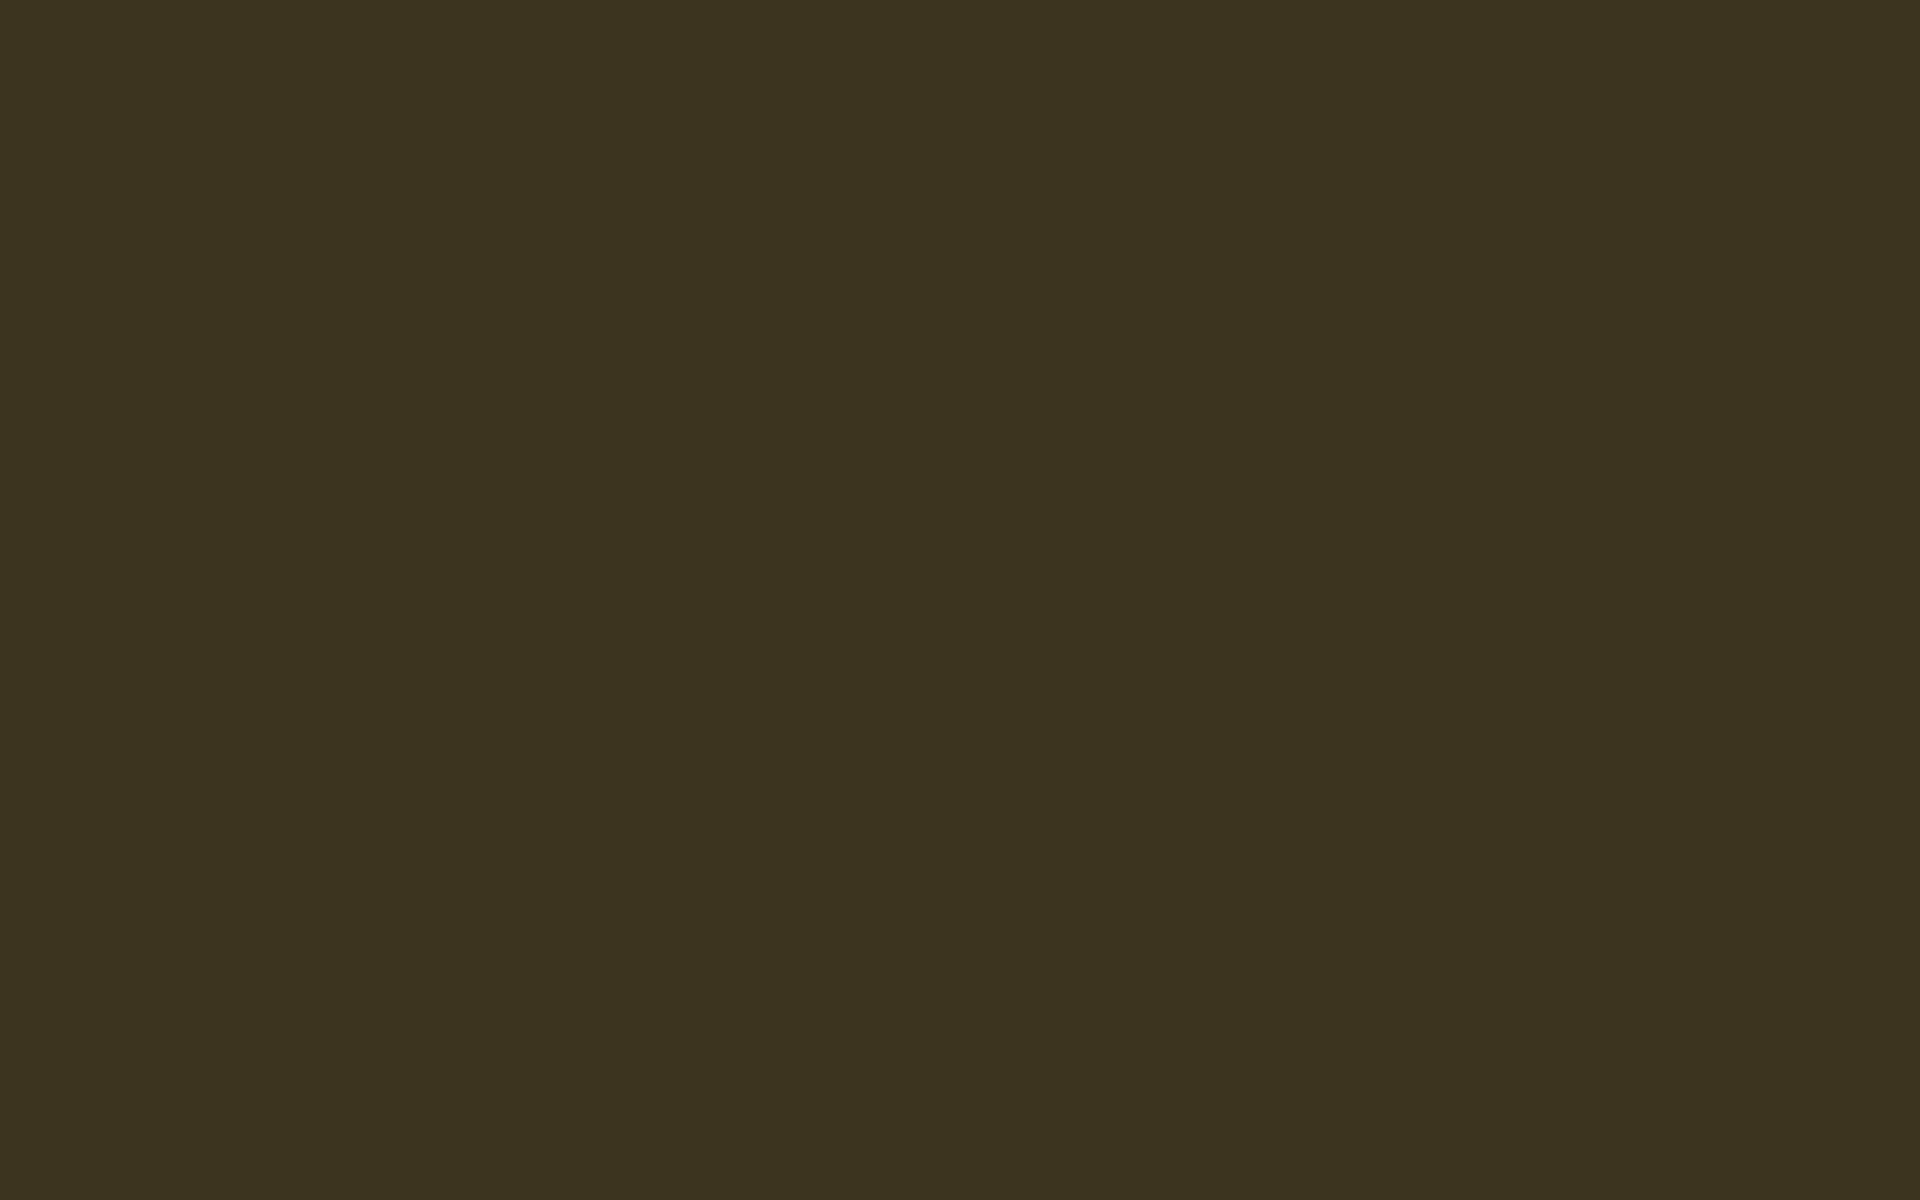 1920x1200 Olive Drab Number Seven Solid Color Background